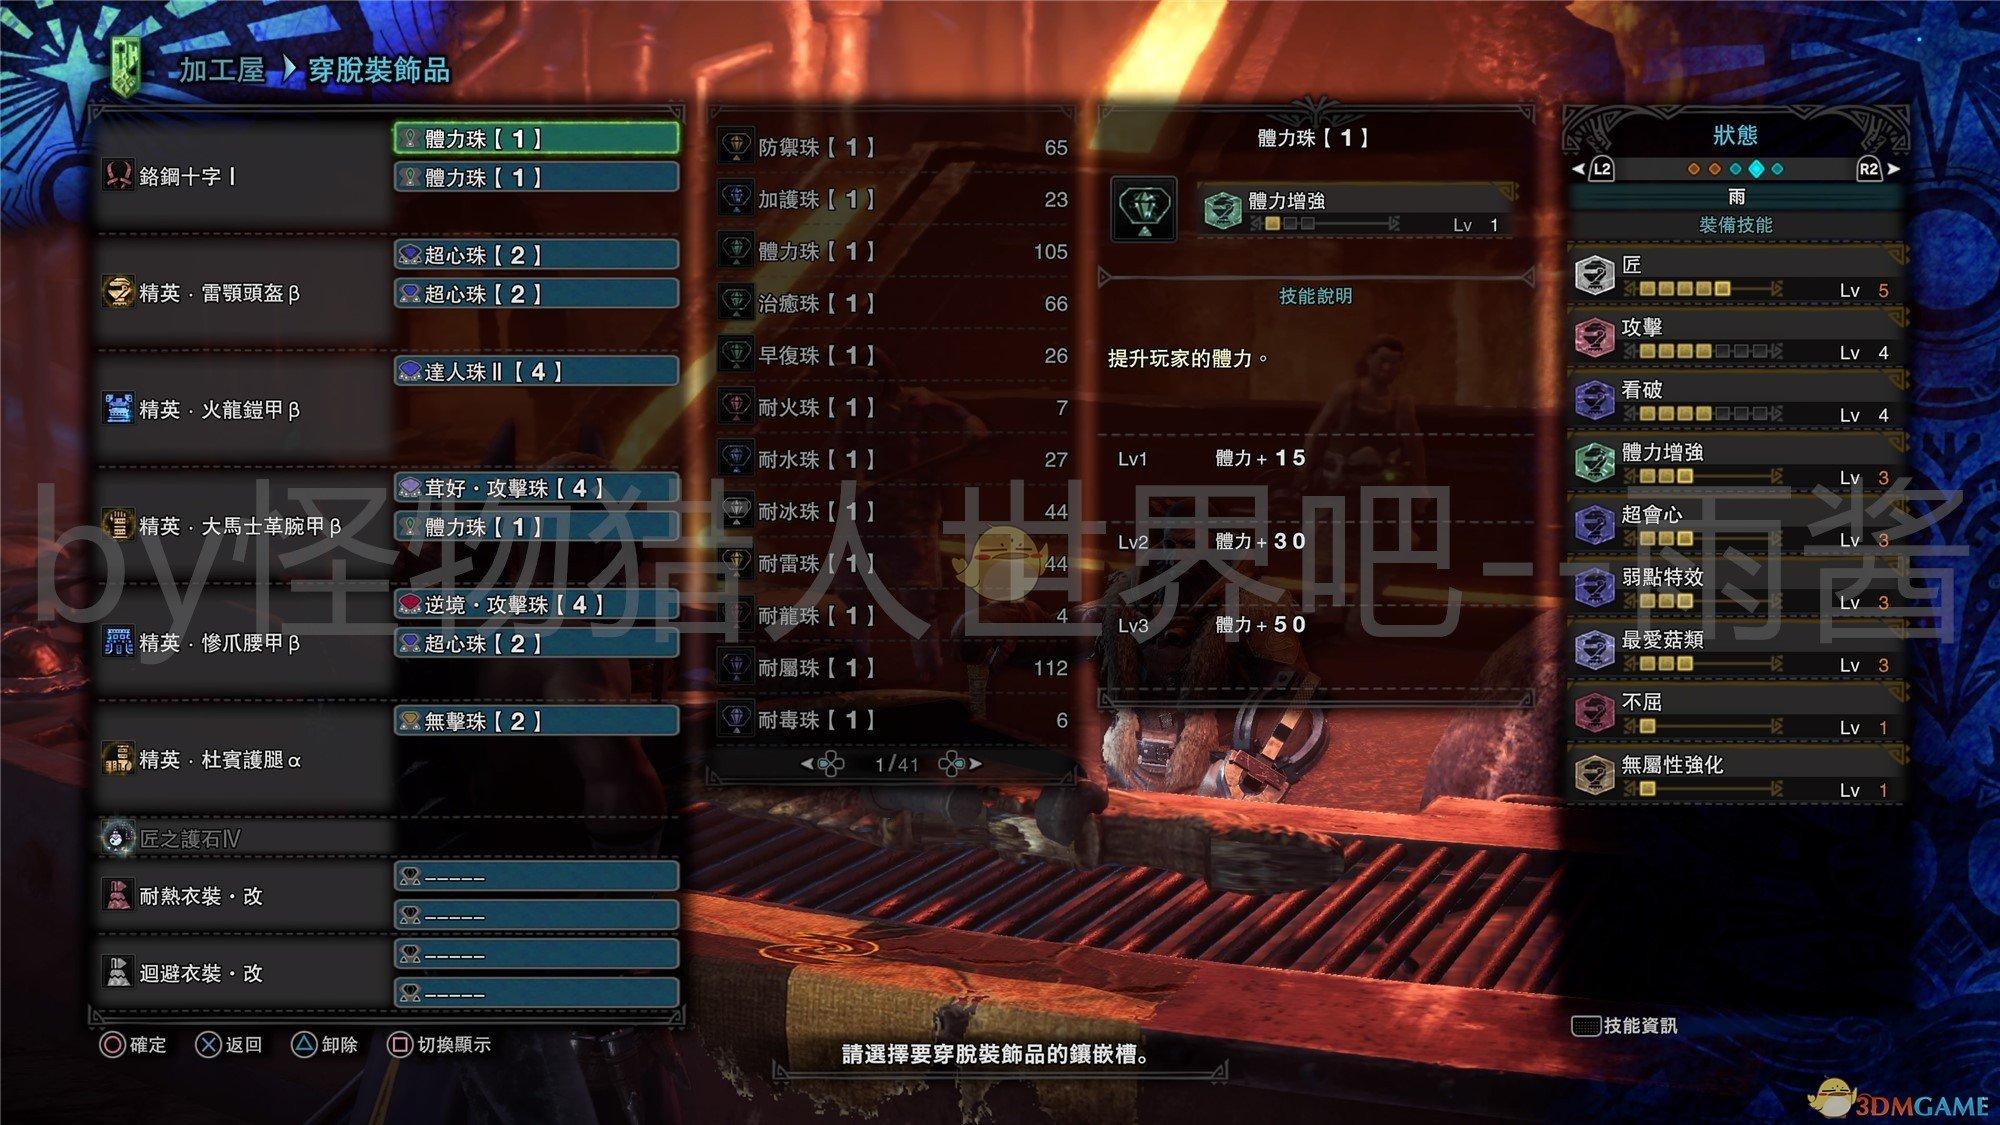 《怪物猎人:世界》冰原DLC双刀开荒全装备搭配推荐